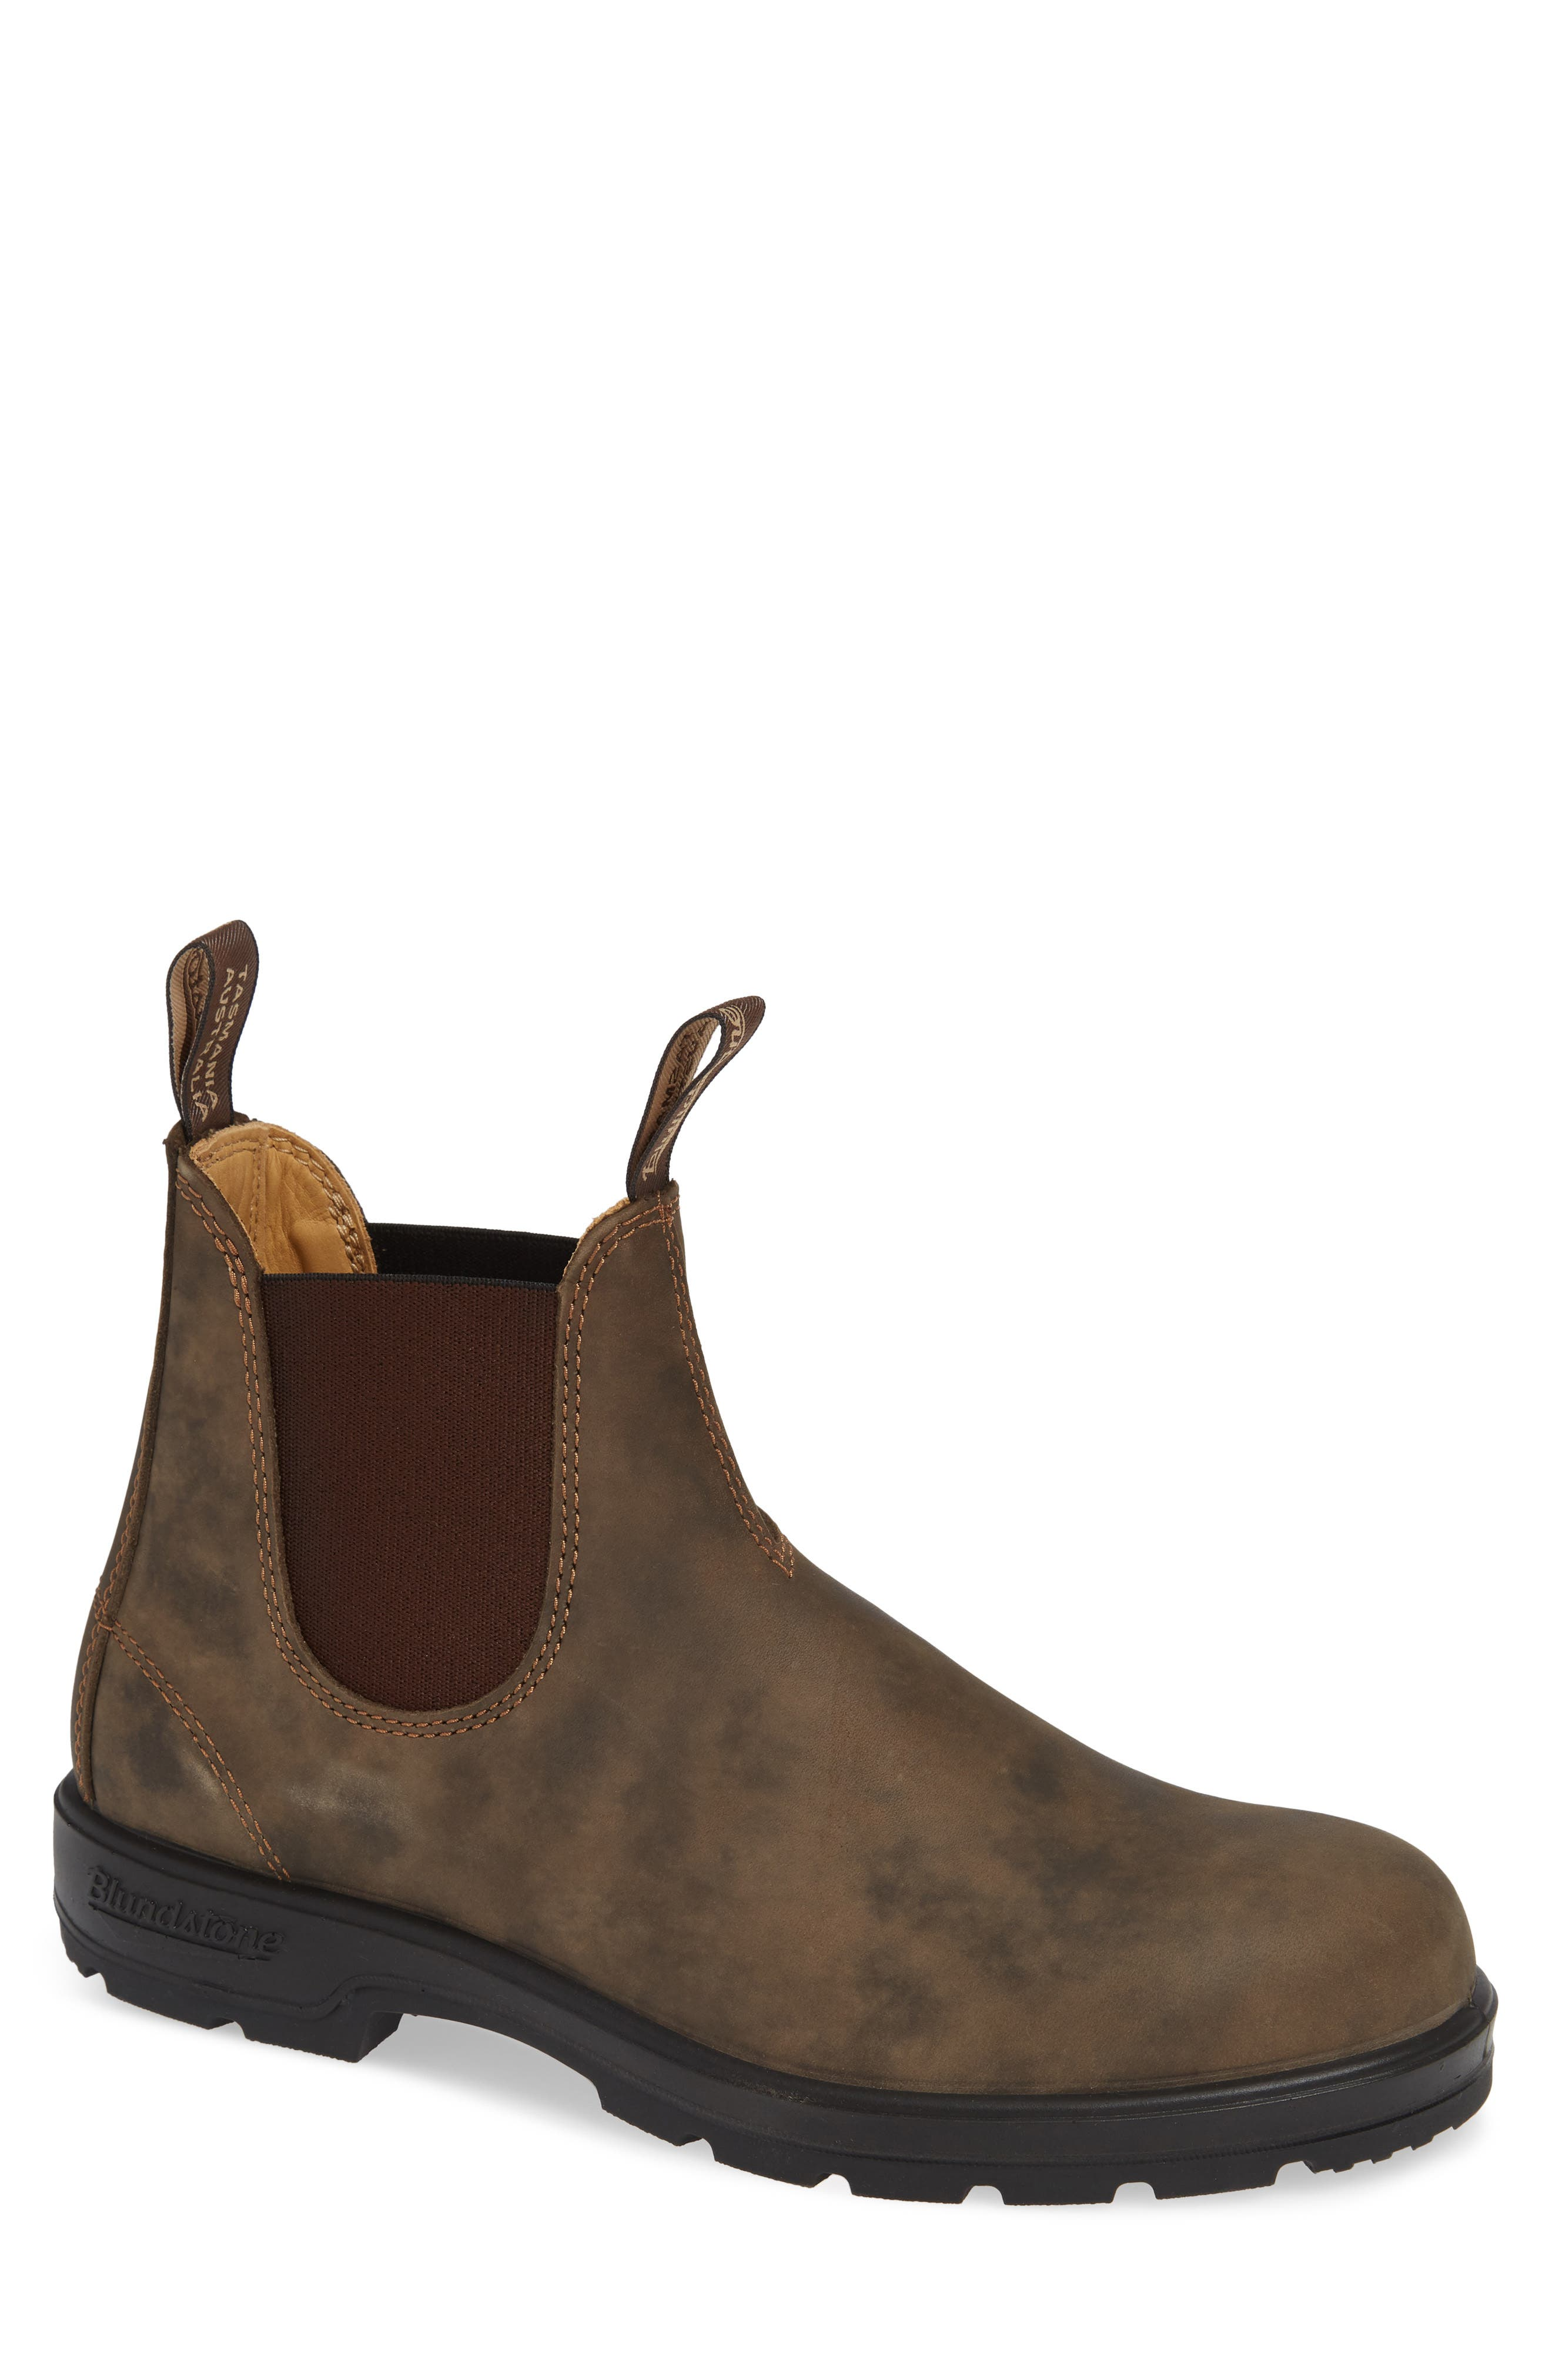 Chelsea Boot,                             Main thumbnail 1, color,                             RUSTIC BROWN